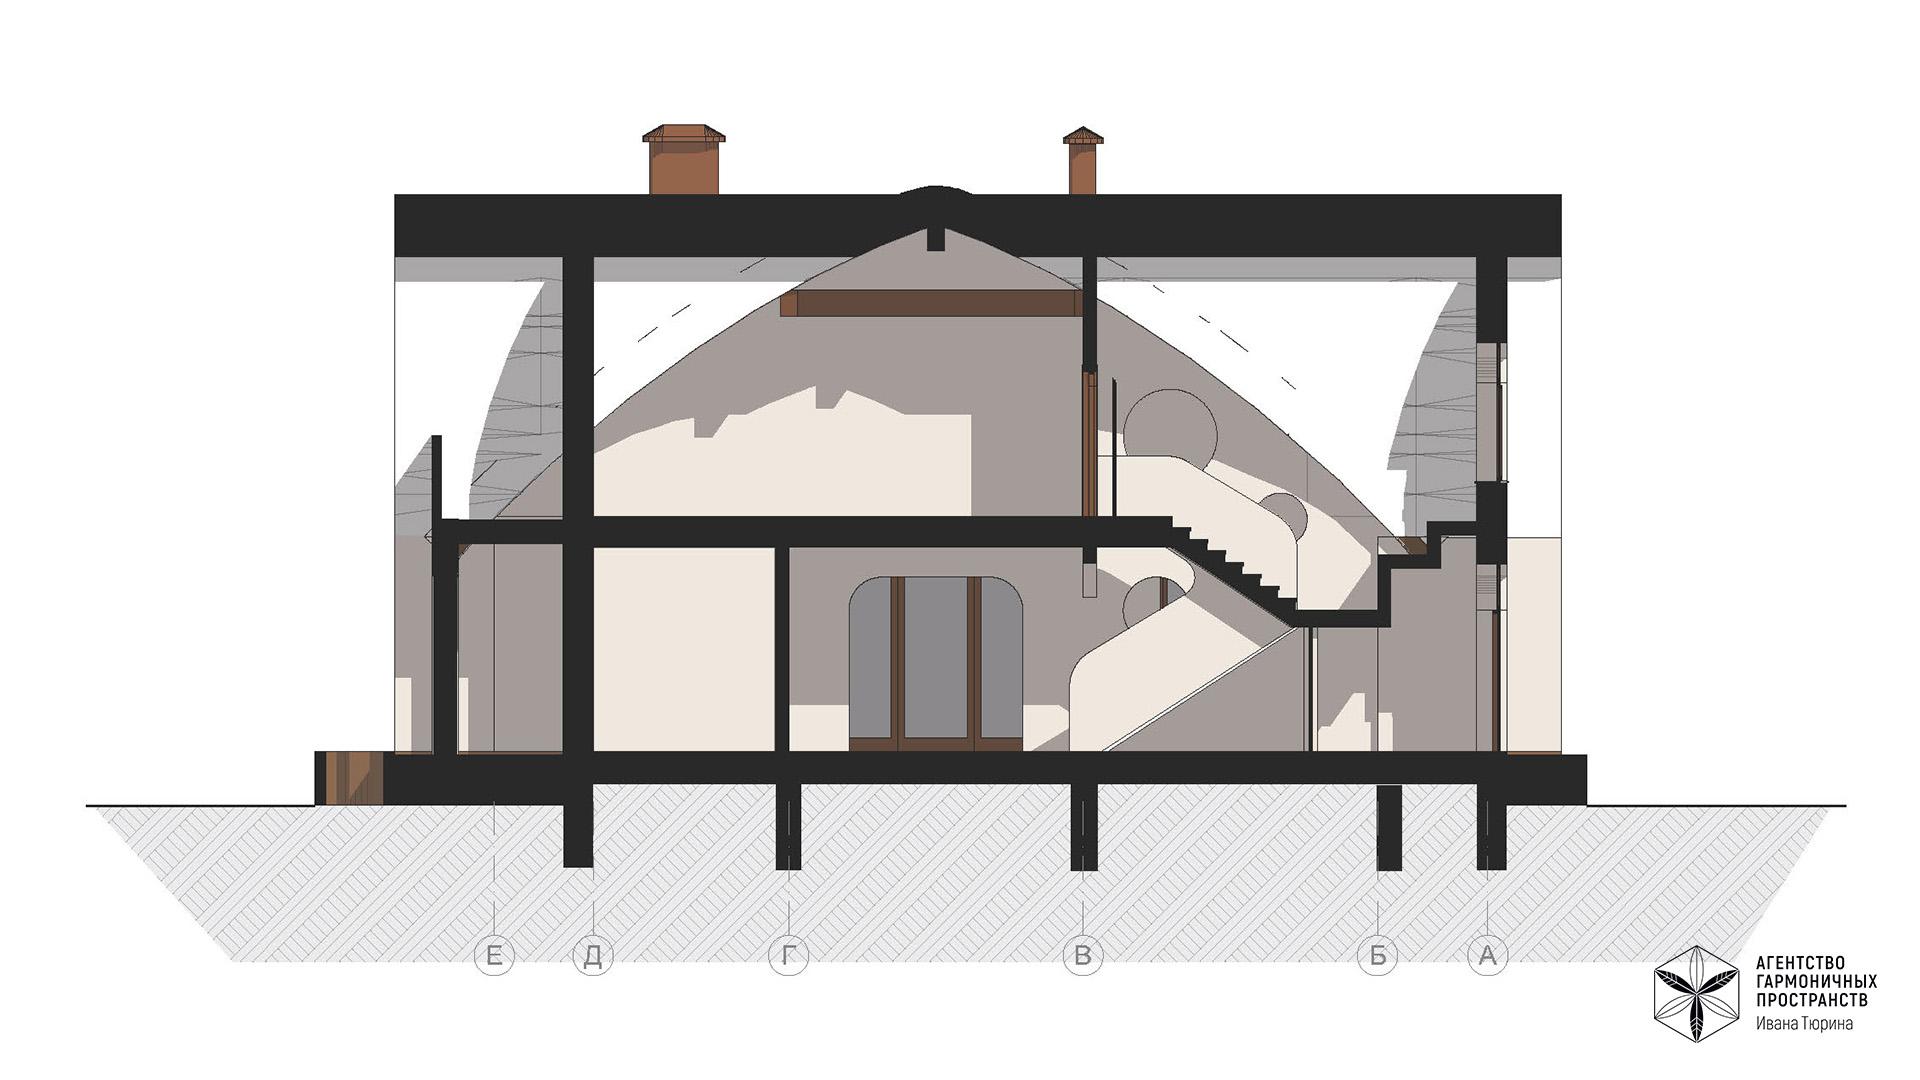 Изображение для проекта Усадьба из природных материалов в органическом стиле 2849